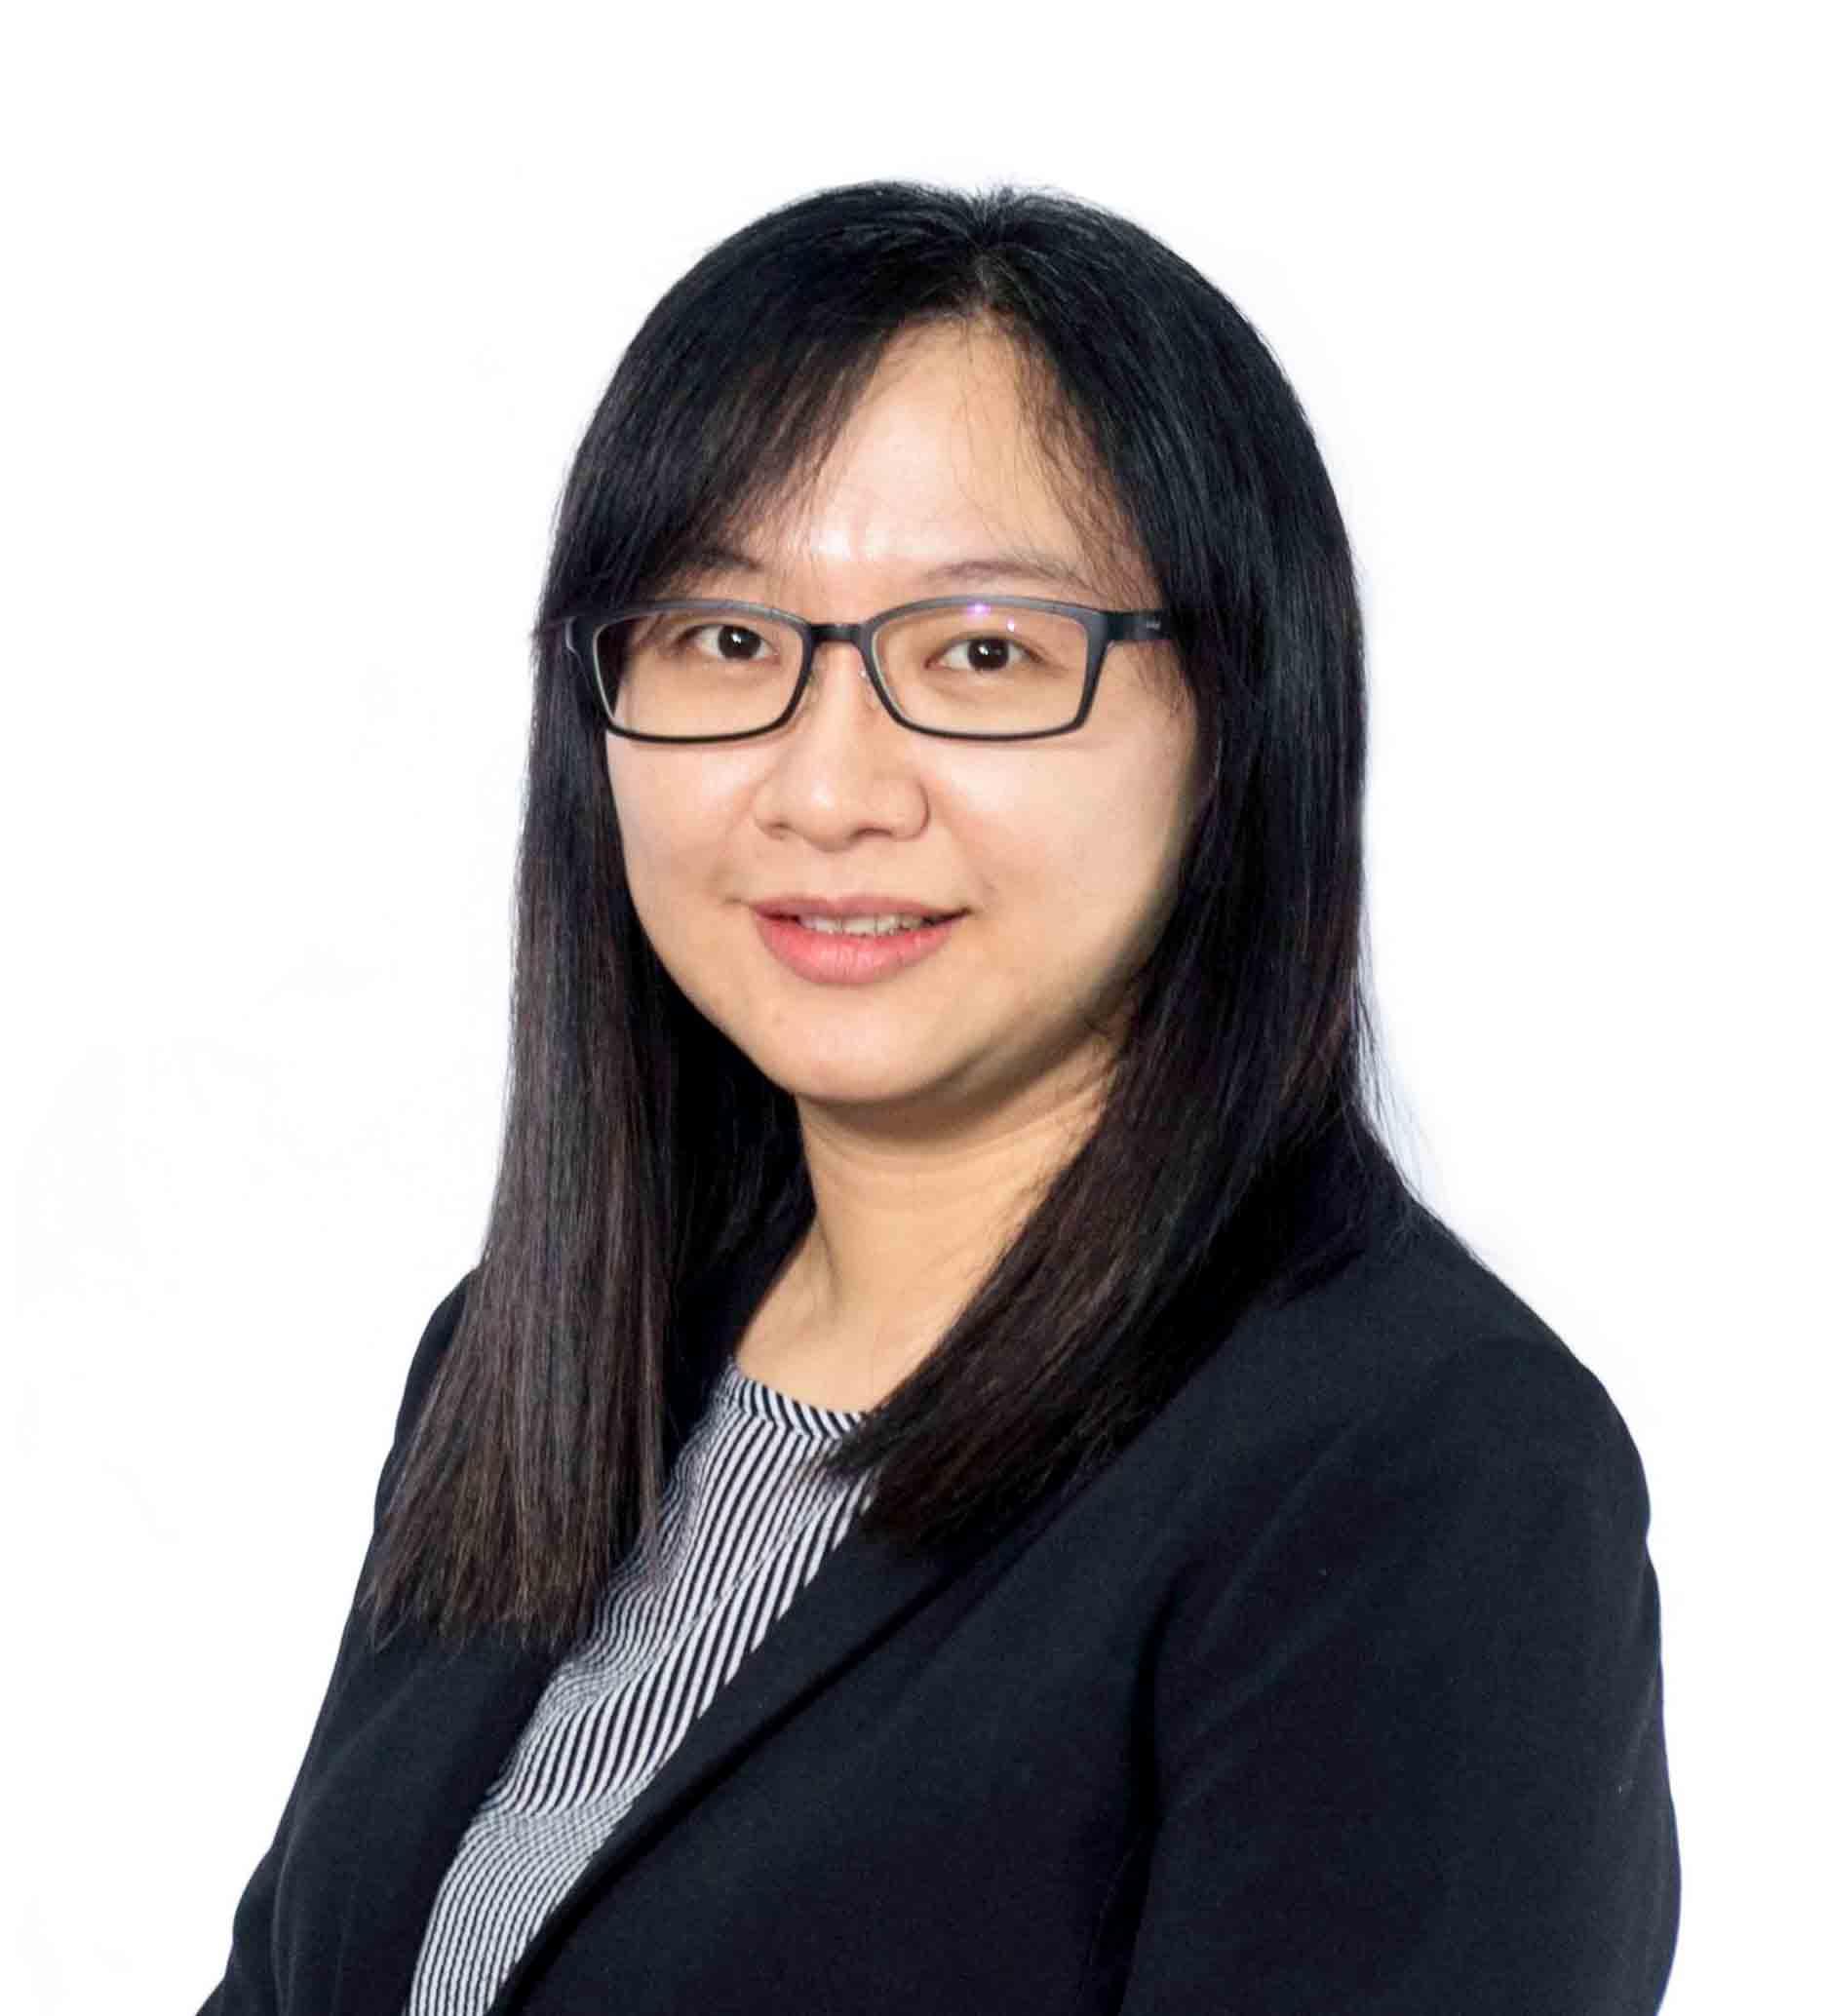 Rev. Tham Ching Tzy